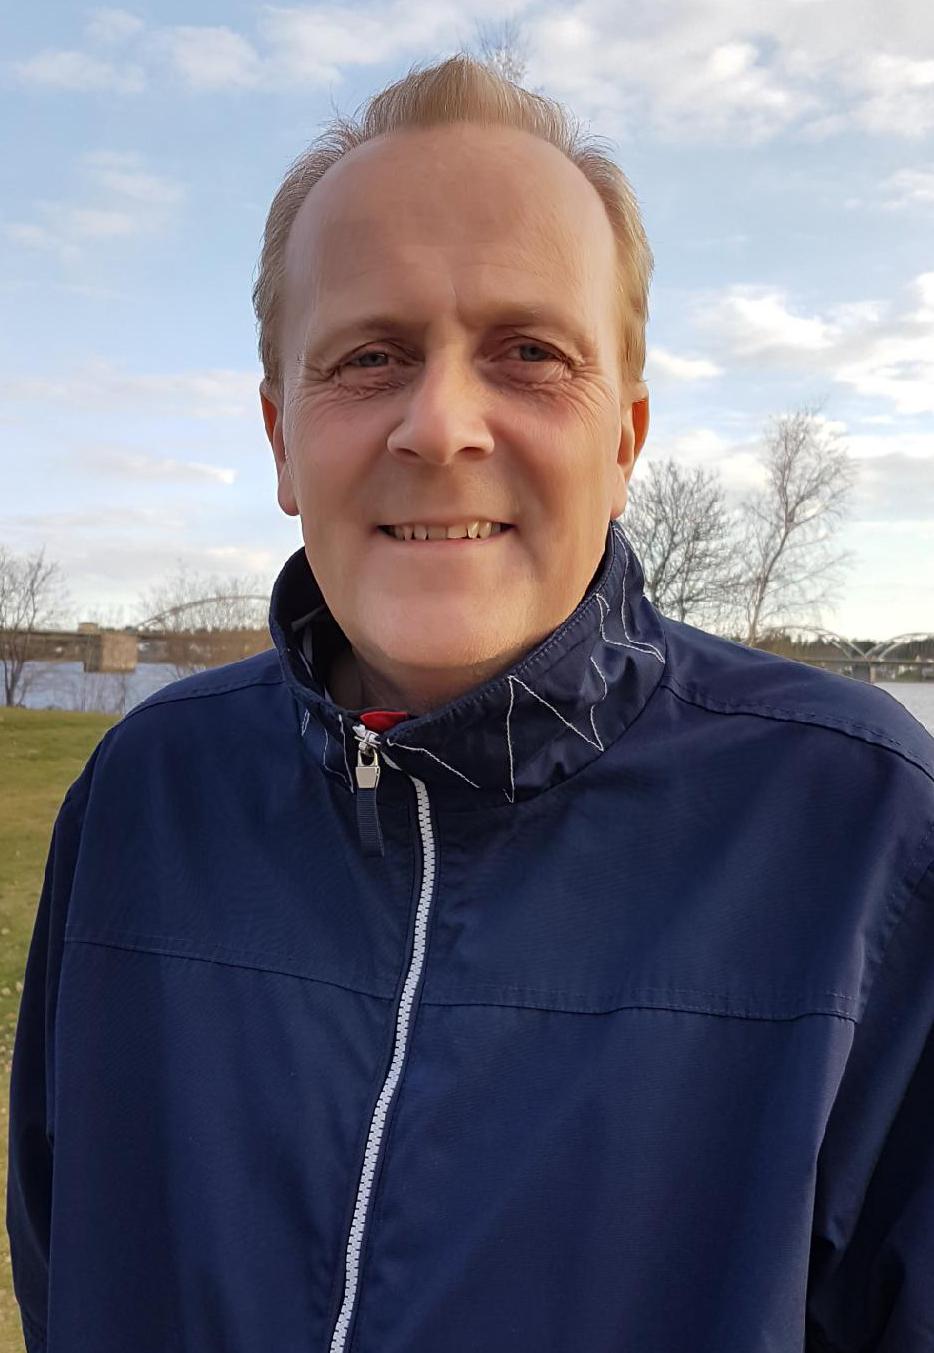 Dennis Krogh-Vennemo är tekniksamordnare på Filmpool Nord och har varit inblandad i hela ombyggnationen.